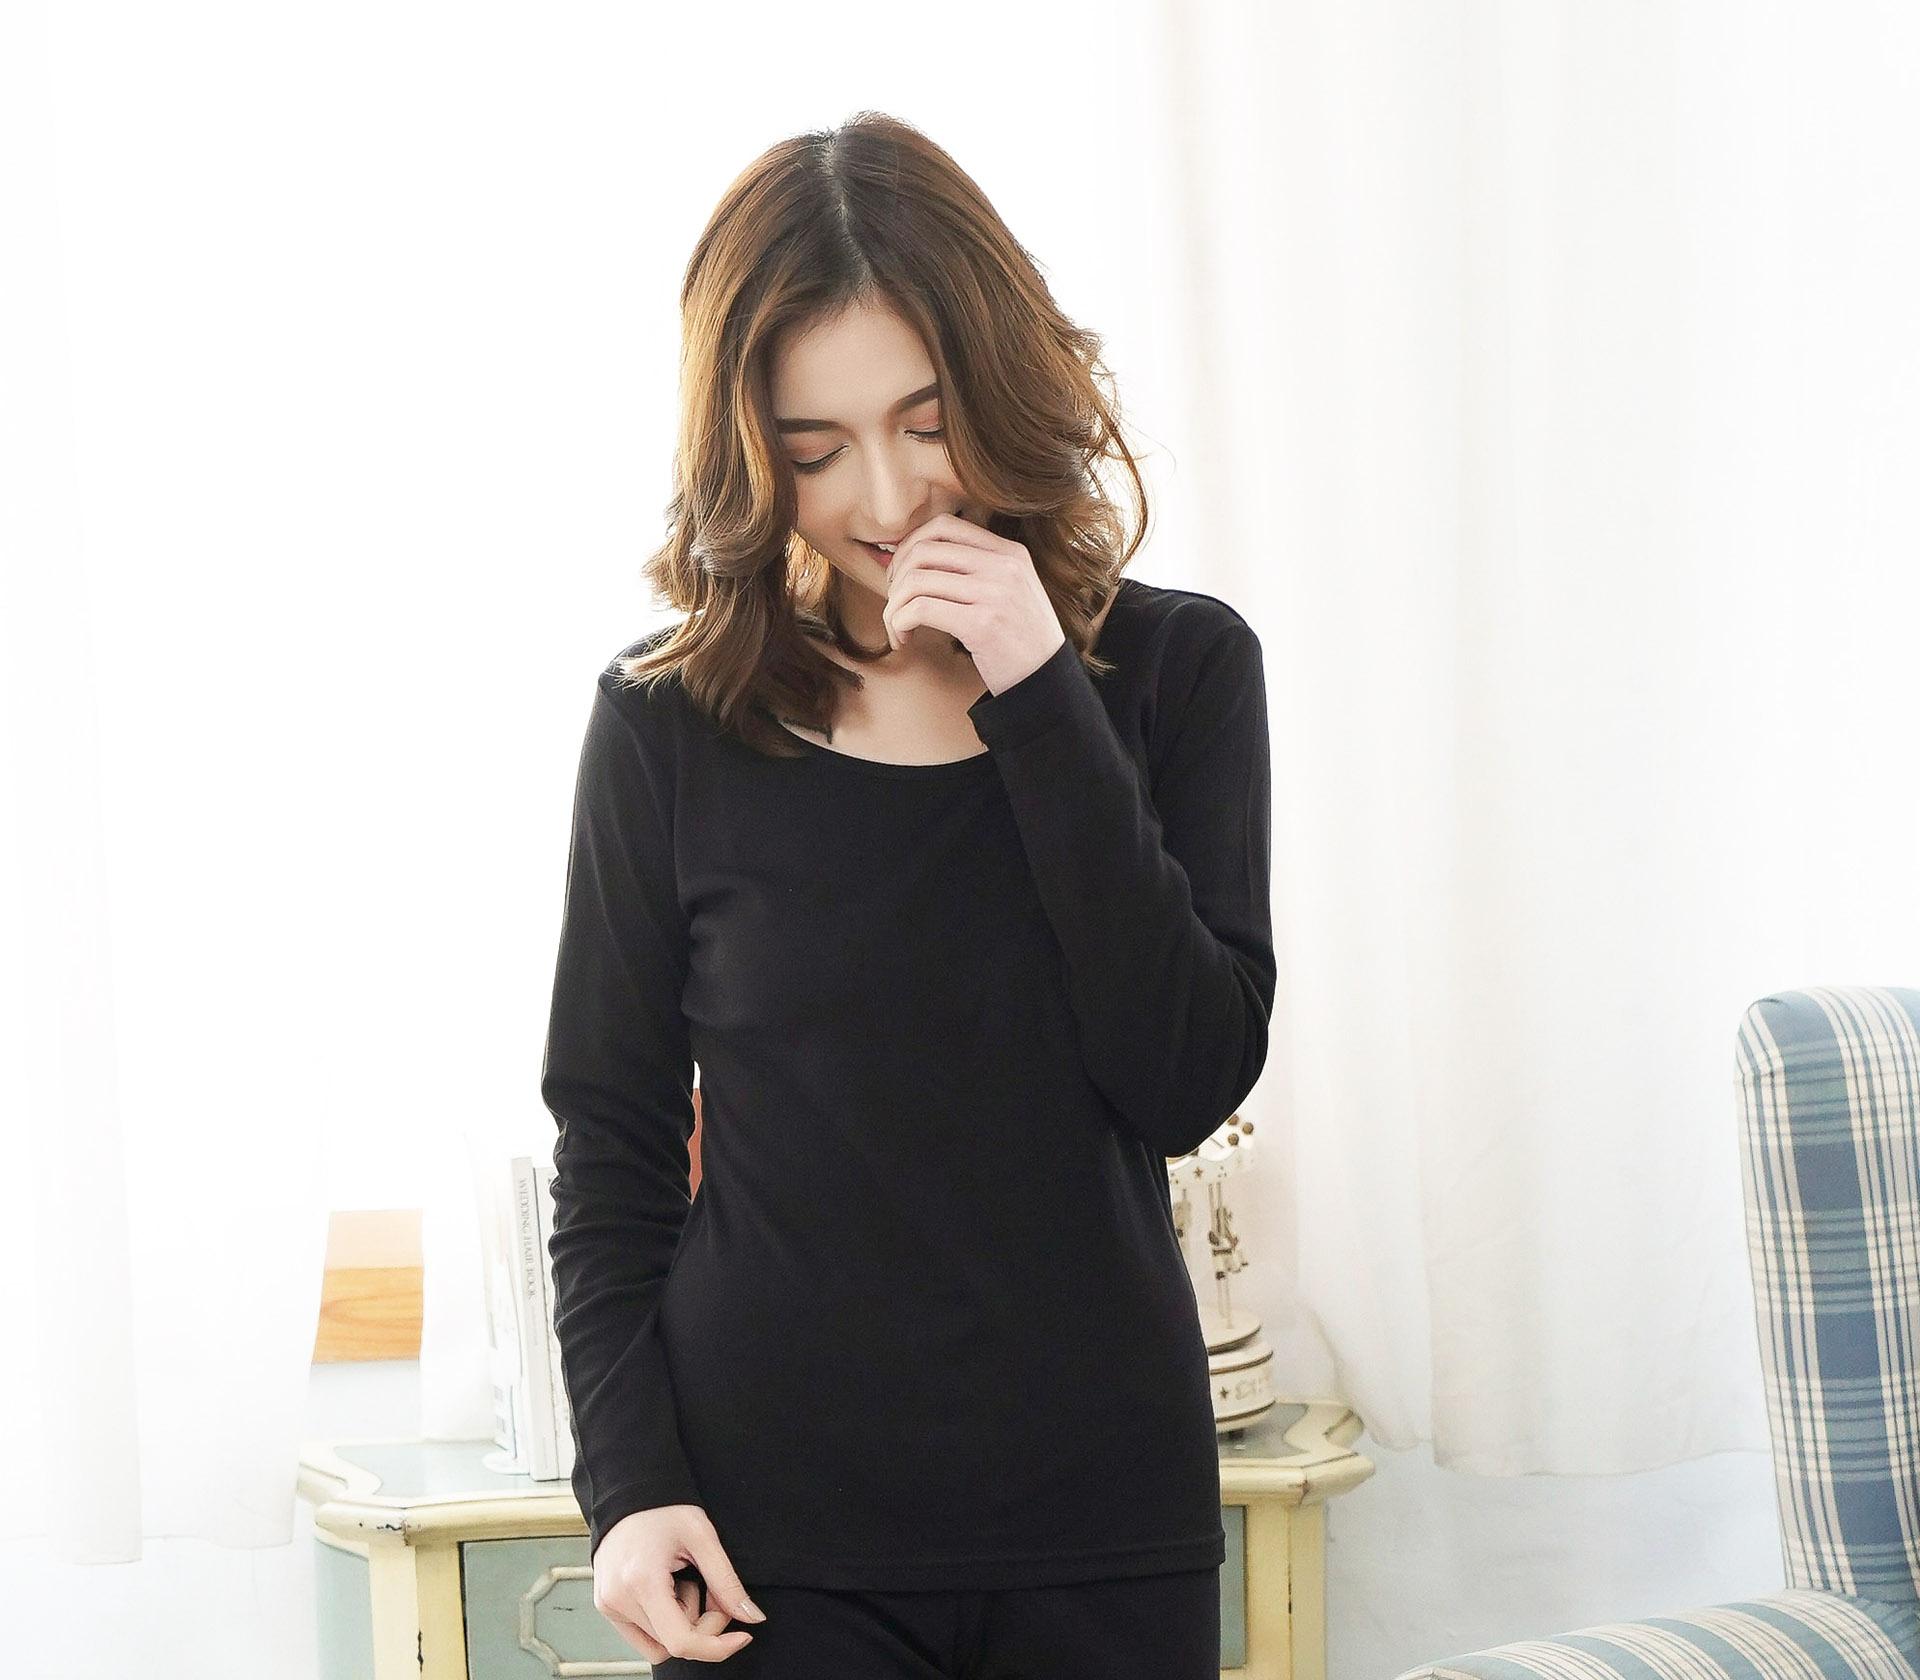 闕蘭絹絲棉長袖衛生衣 - 黑色 - 9922